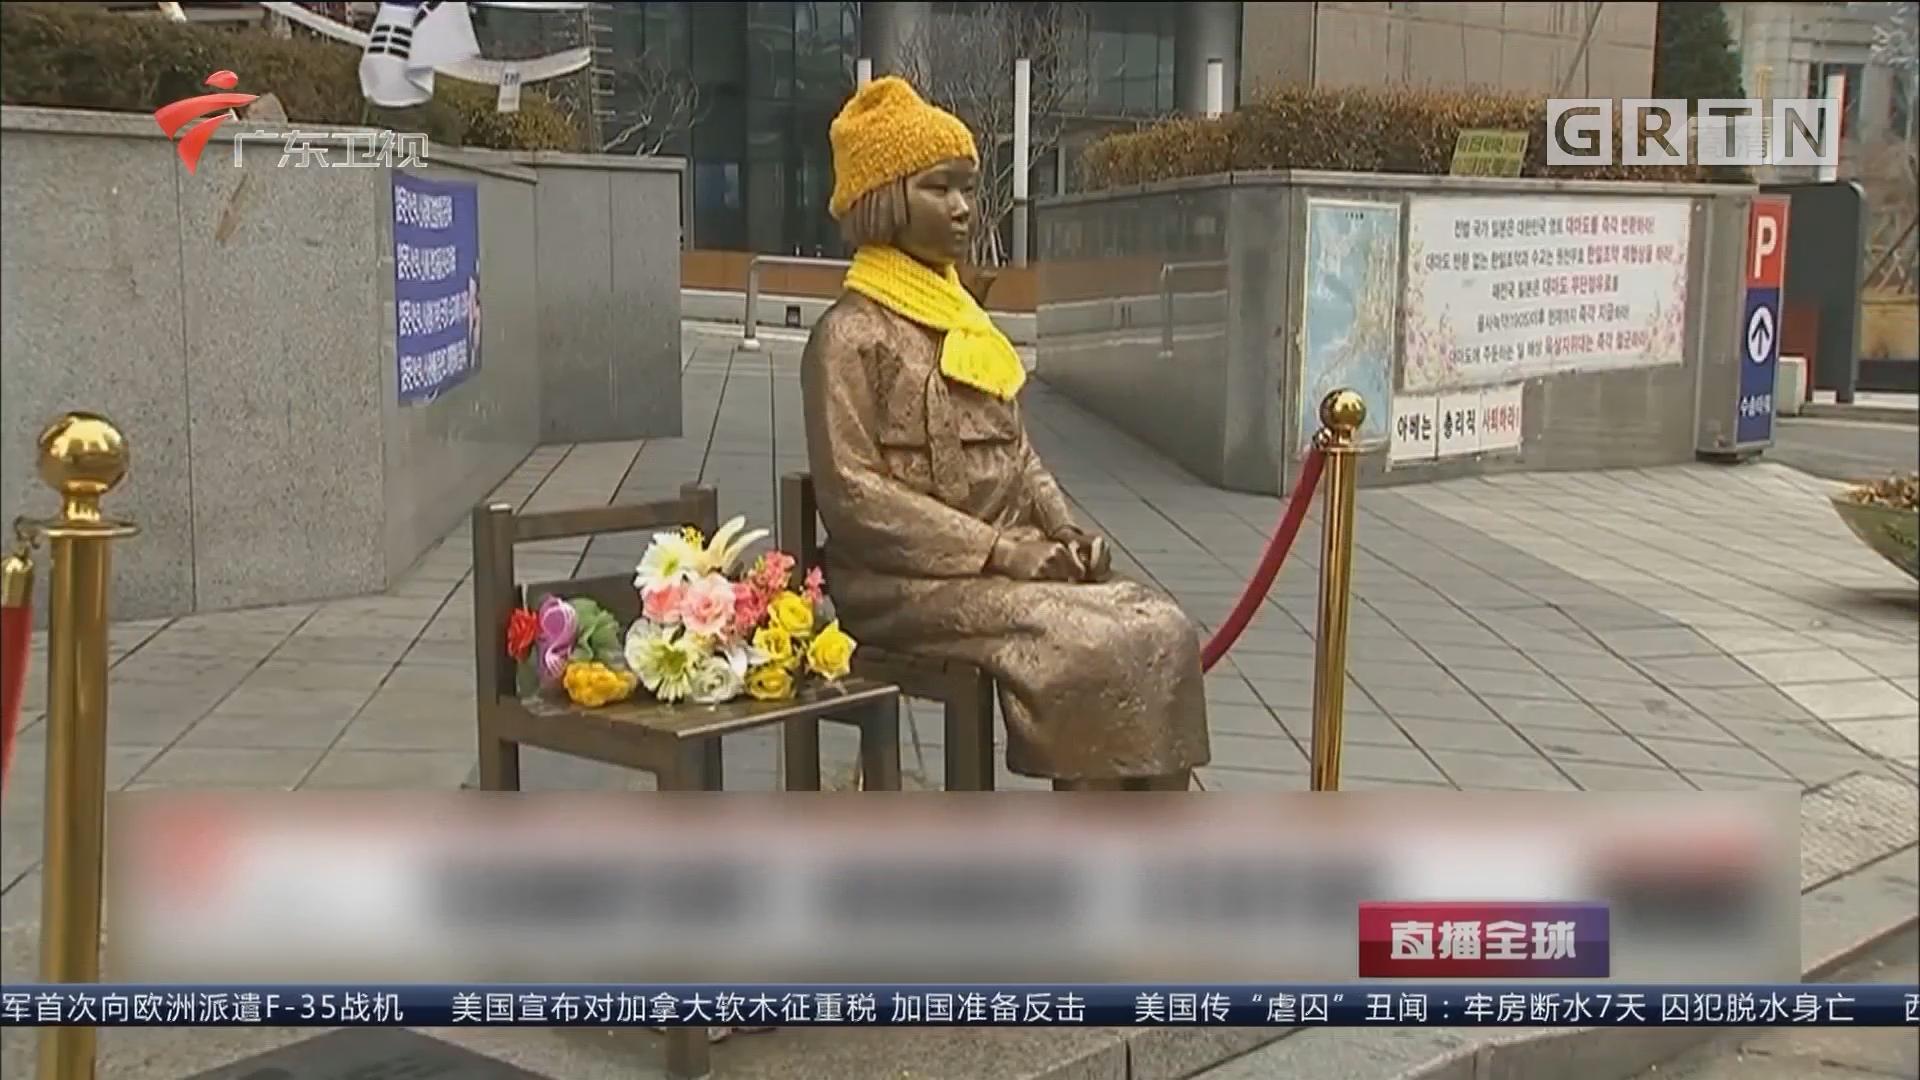 """蓝皮书主张独岛主权再惹韩抗议 日益趋冷的韩日关系""""雪上加霜"""""""